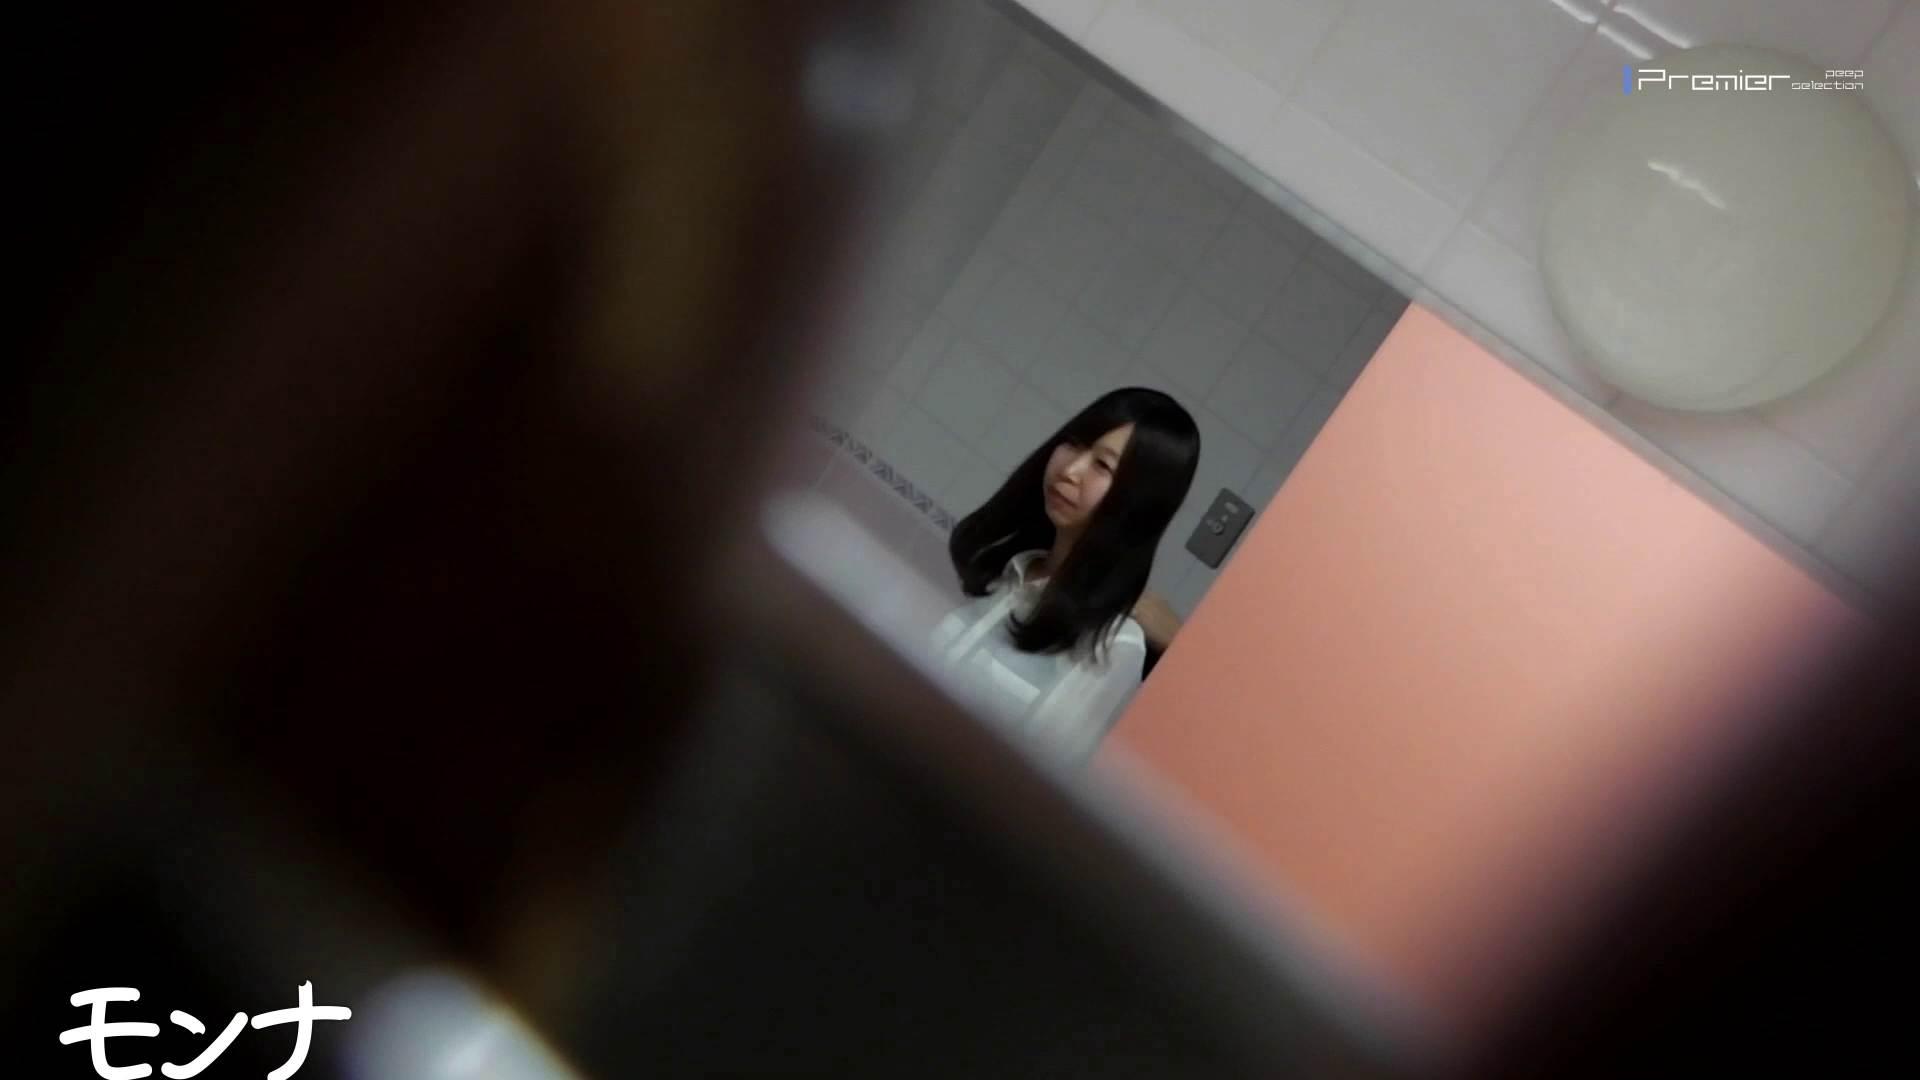 美しい日本の未来 No.52 顔とのギャップが!!清楚な顔の子はボウボウ 覗き | おまんこ無修正  29連発 8